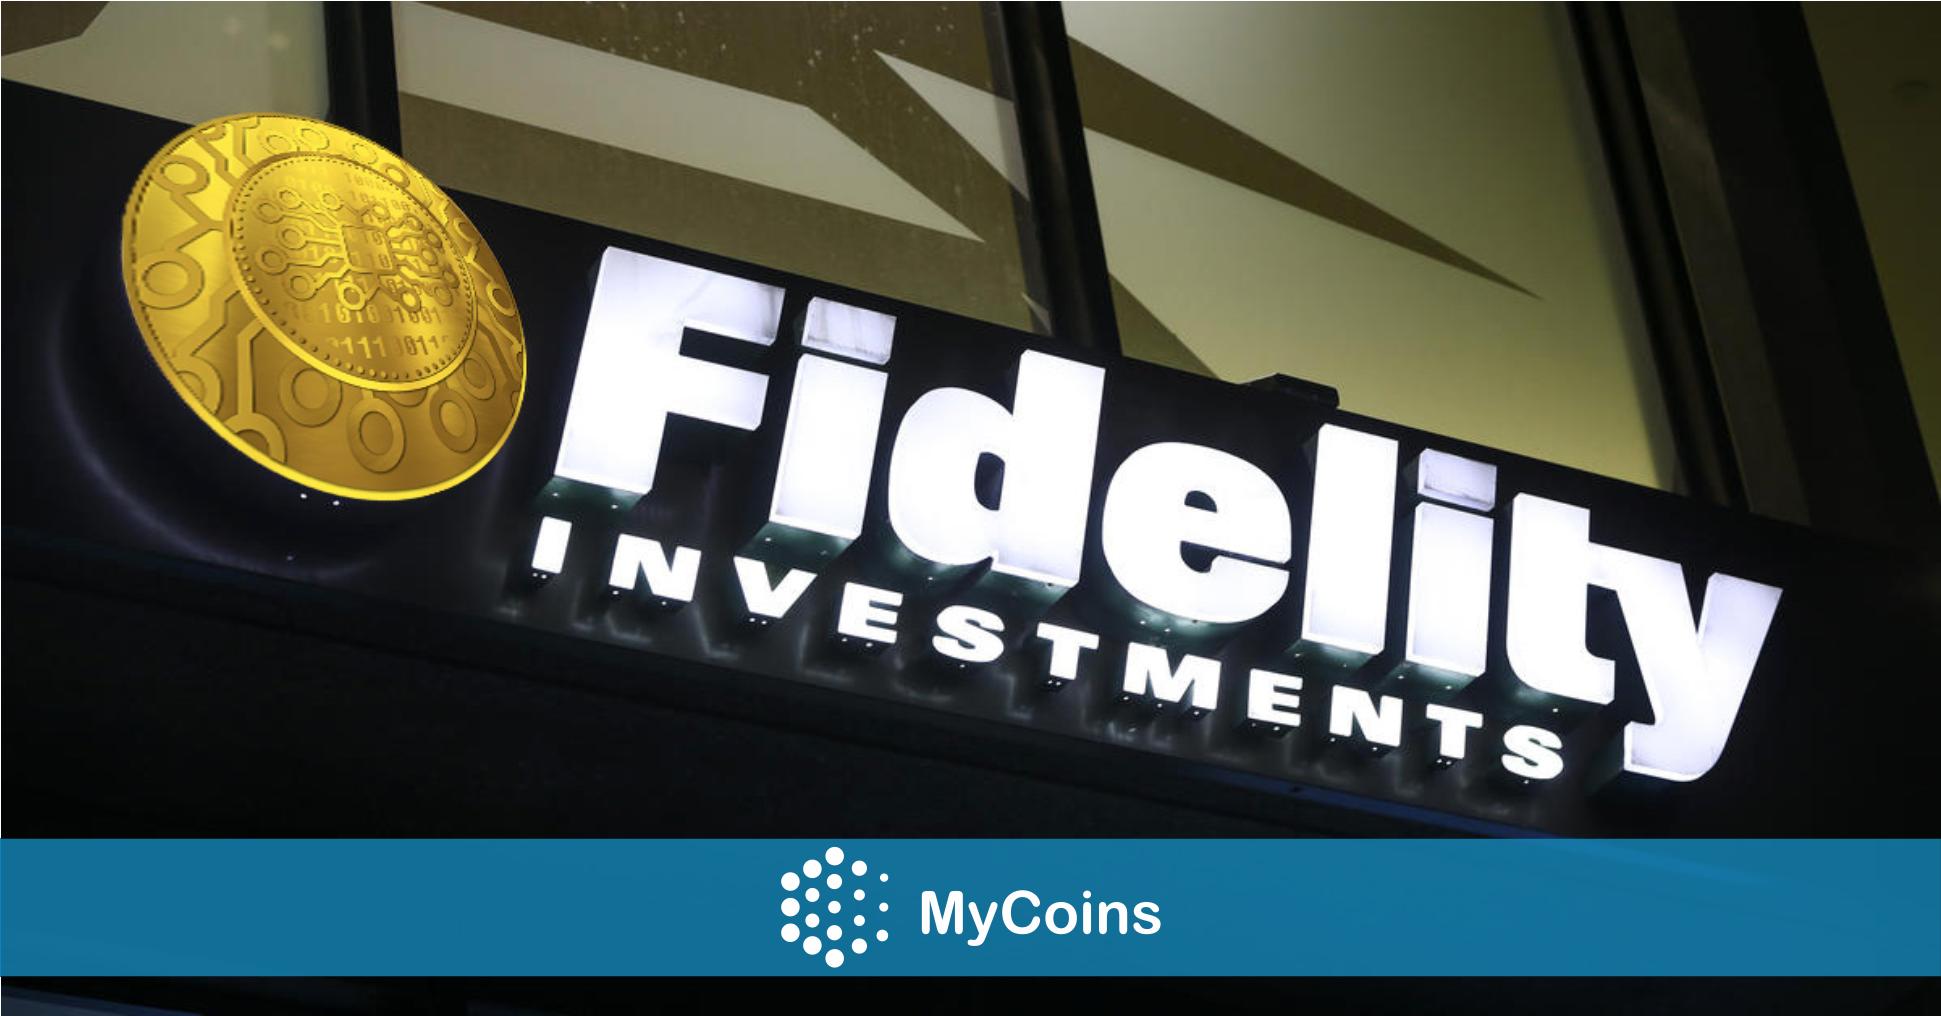 ფინანსური მომსახურების გიგანტის Fidelity – ის კრიპტოსავალუტო პლატფორმა ტესტირების საბოლოო საფეხურზეა